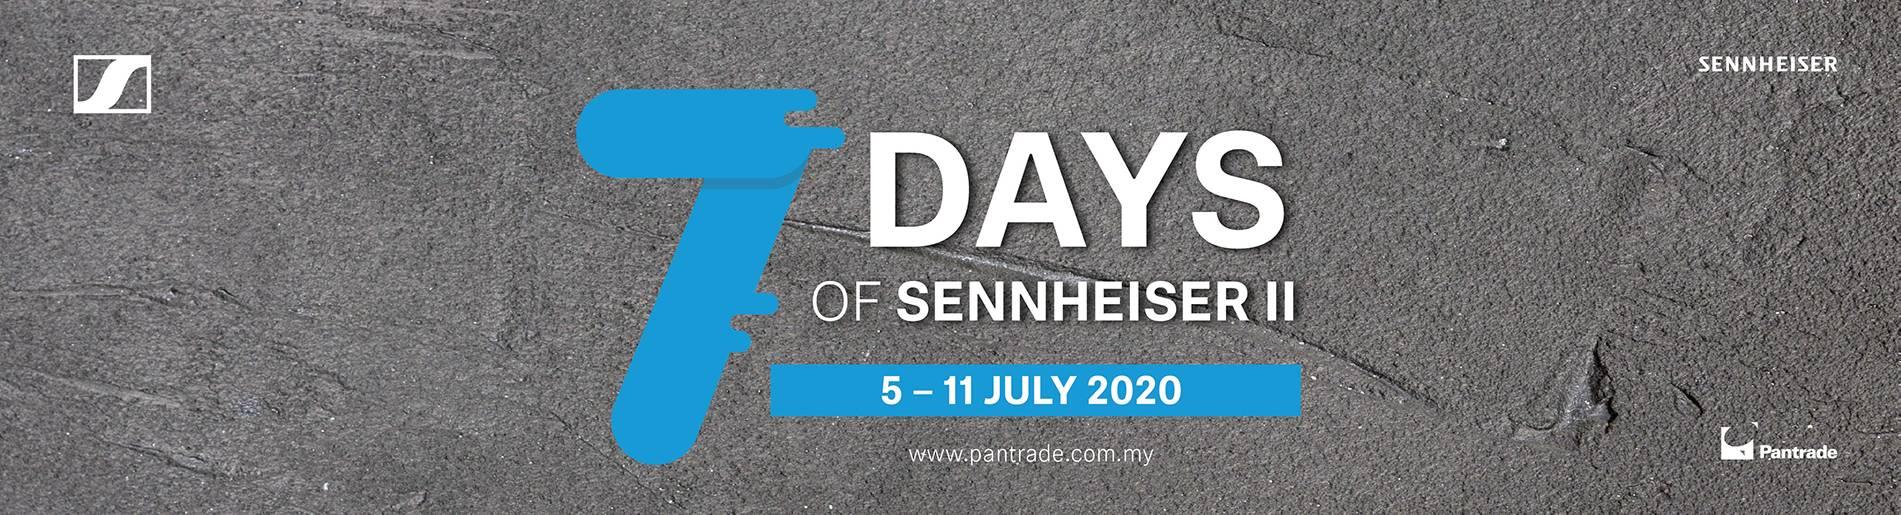 7 Days of Sennheiser II